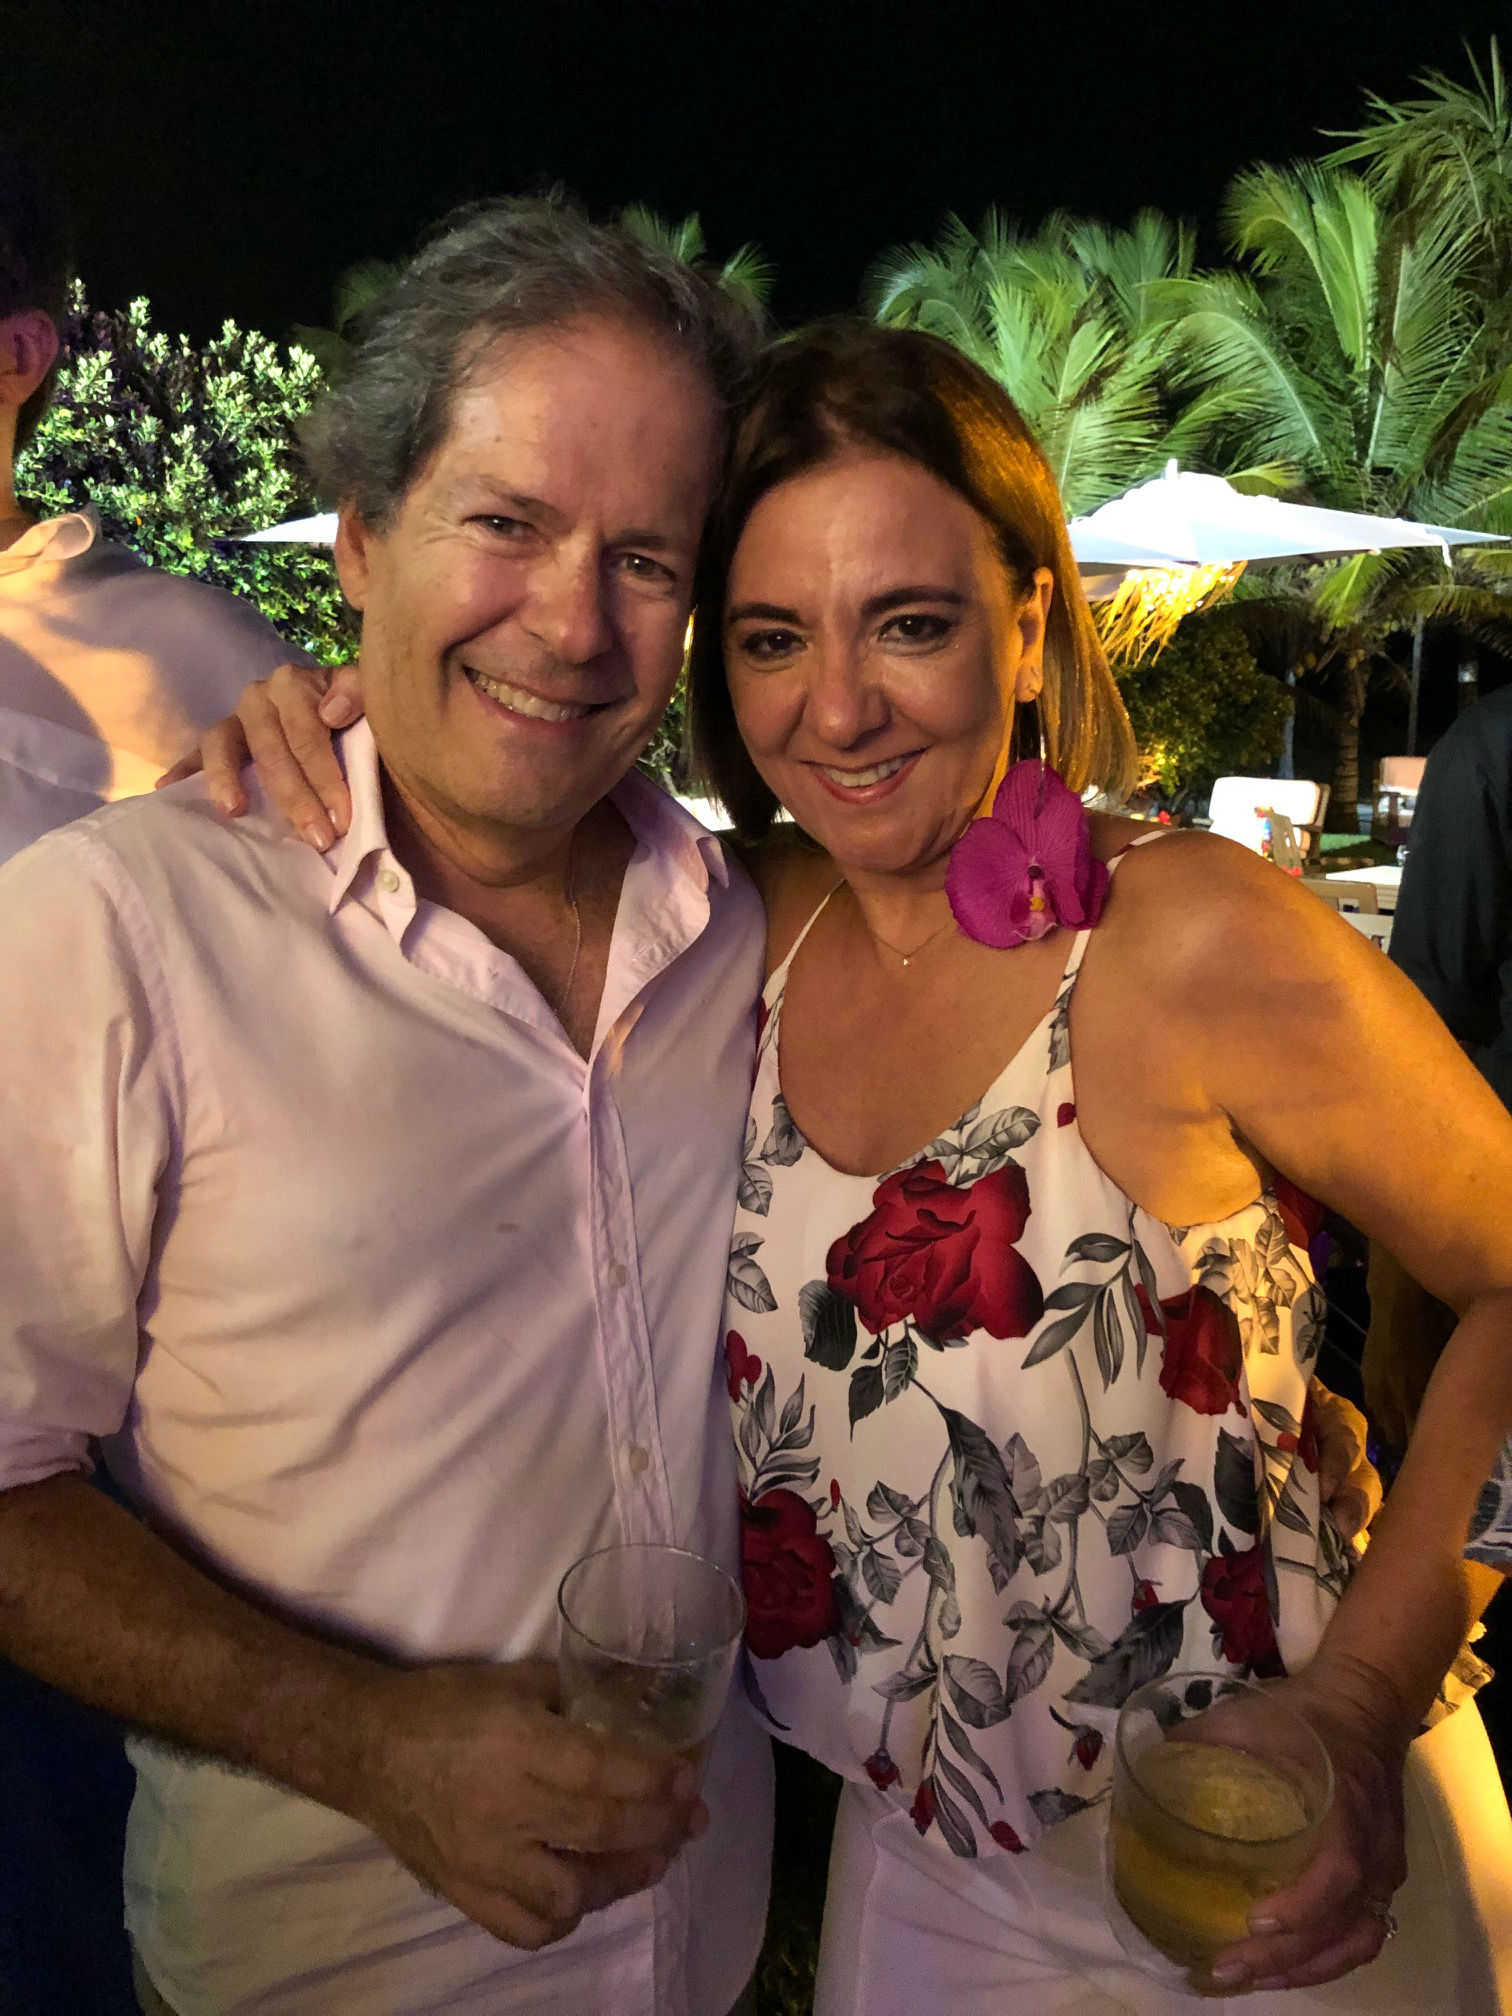 Victor e Maria Helena Bandeira de Melo também curtiram muito a noite pra lá de animada. Foto: Gaúcho Aerorec